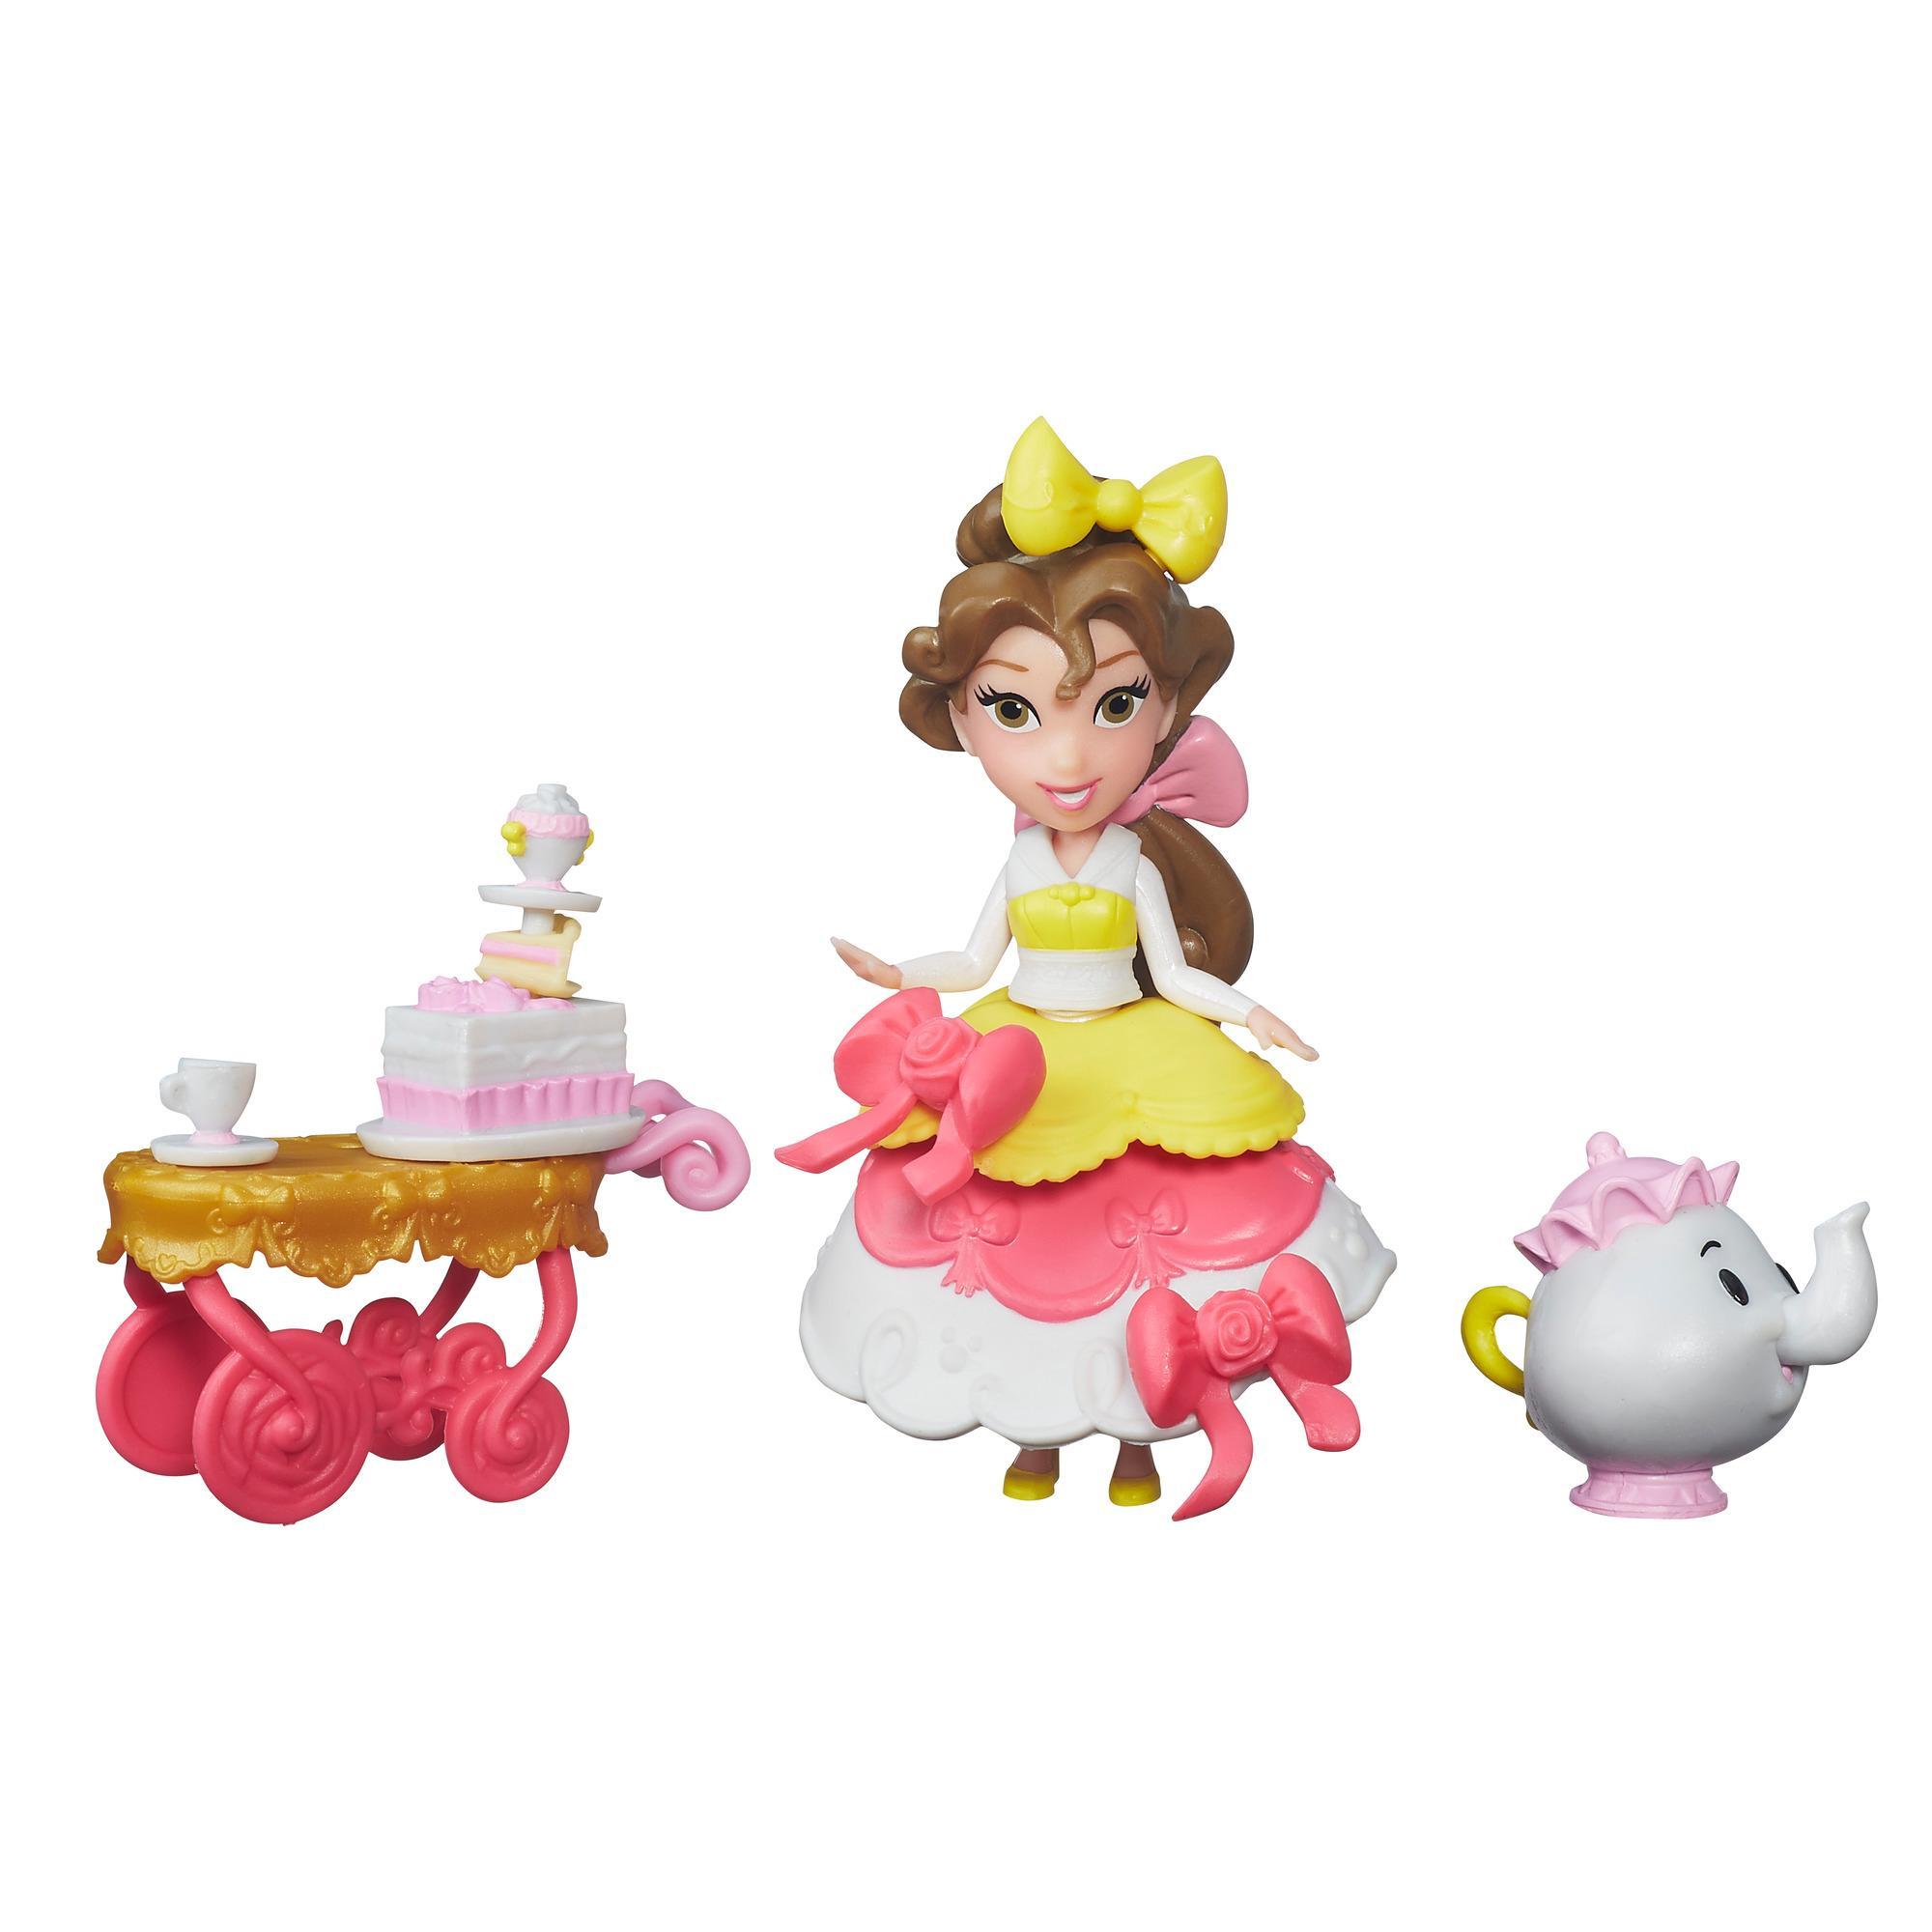 Tomando el té con Bella Pequeño Reino Disney Princess